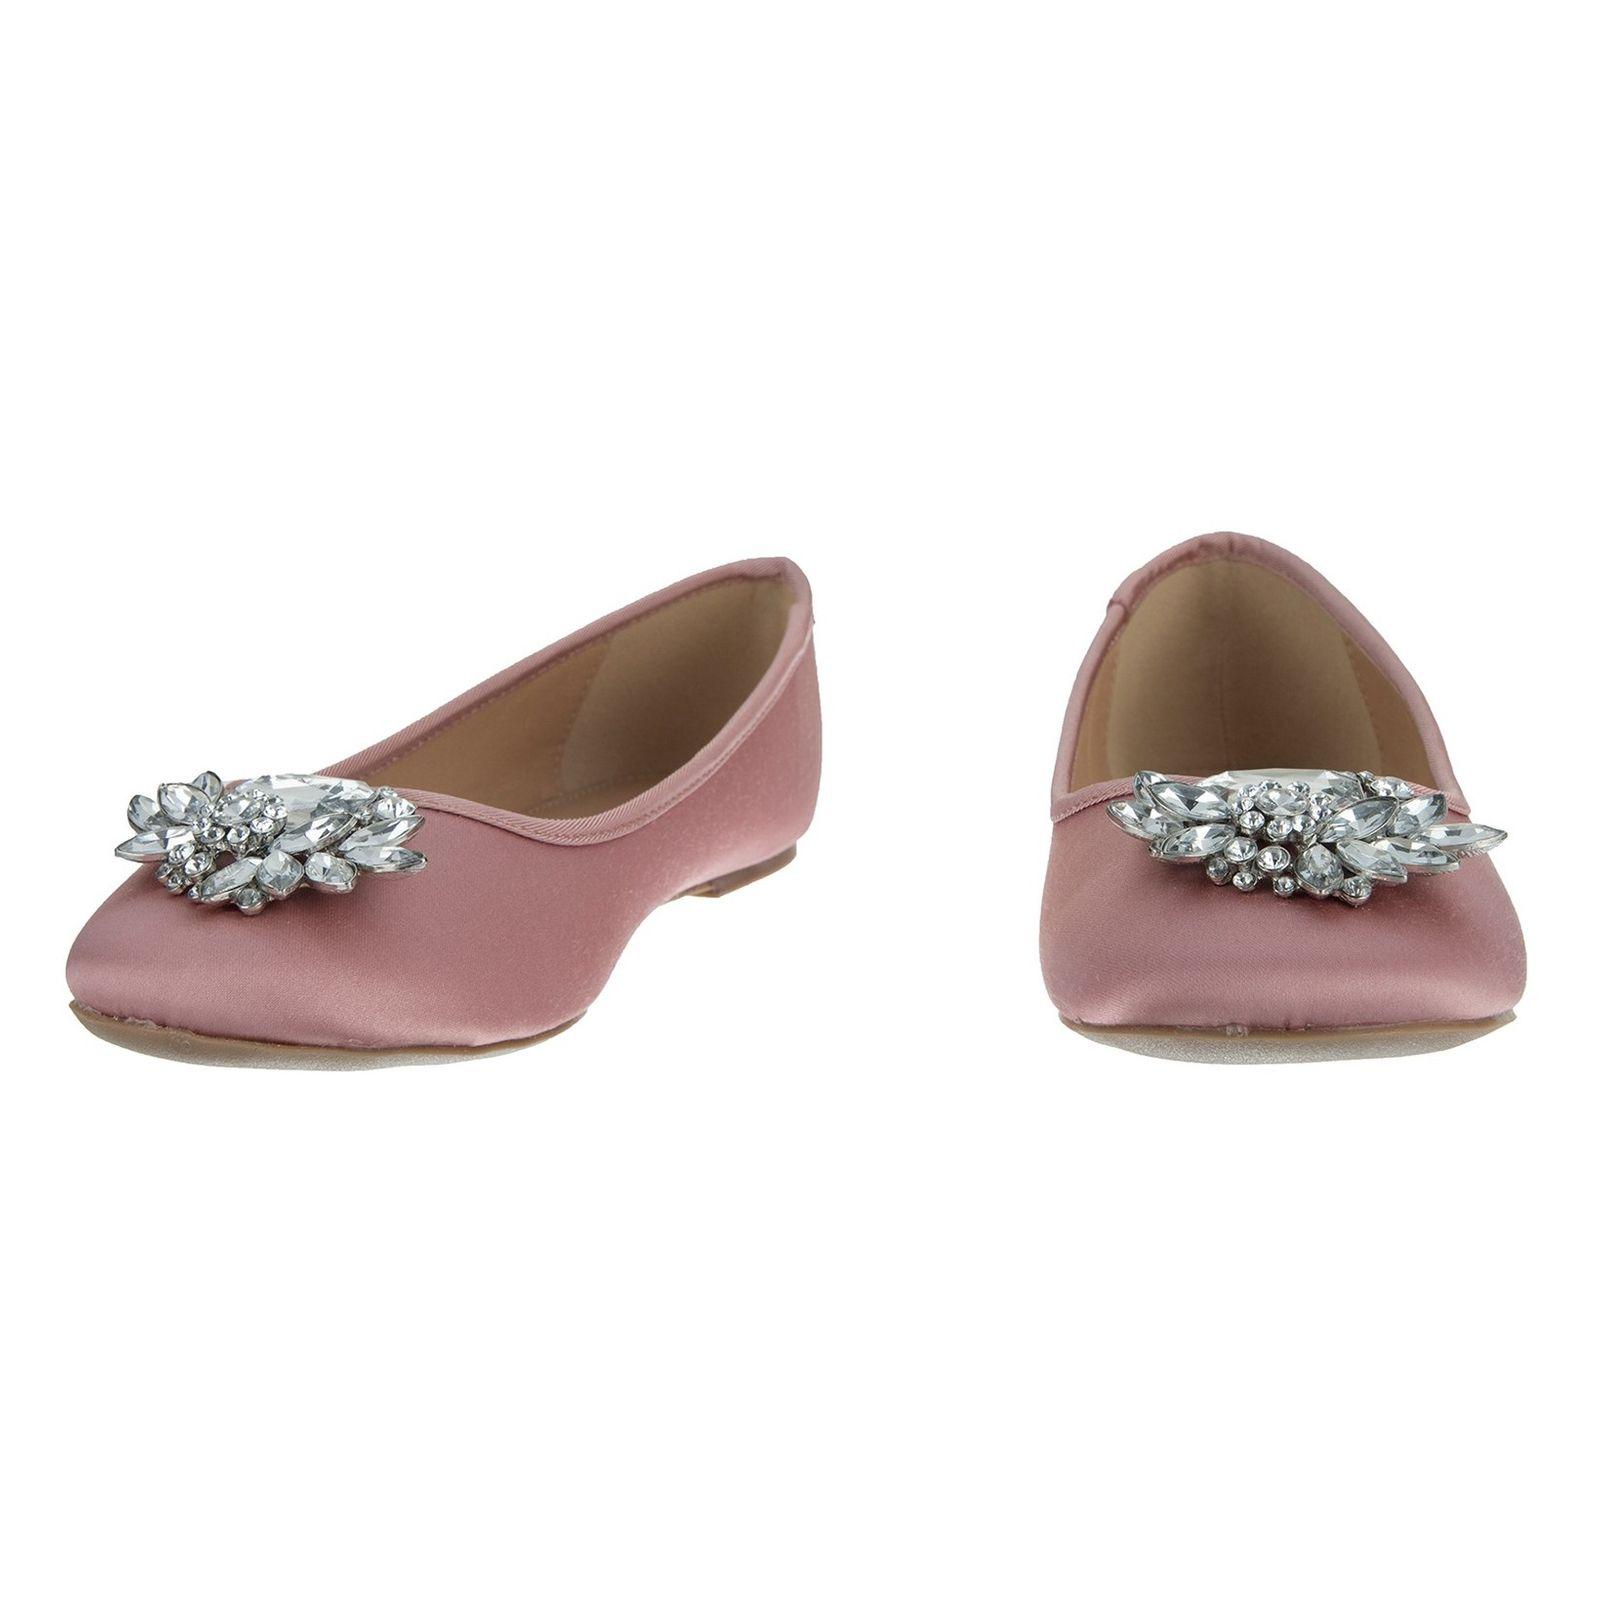 کفش تخت پارچه ای زنانه Hiya - دون لندن - صورتي - 4